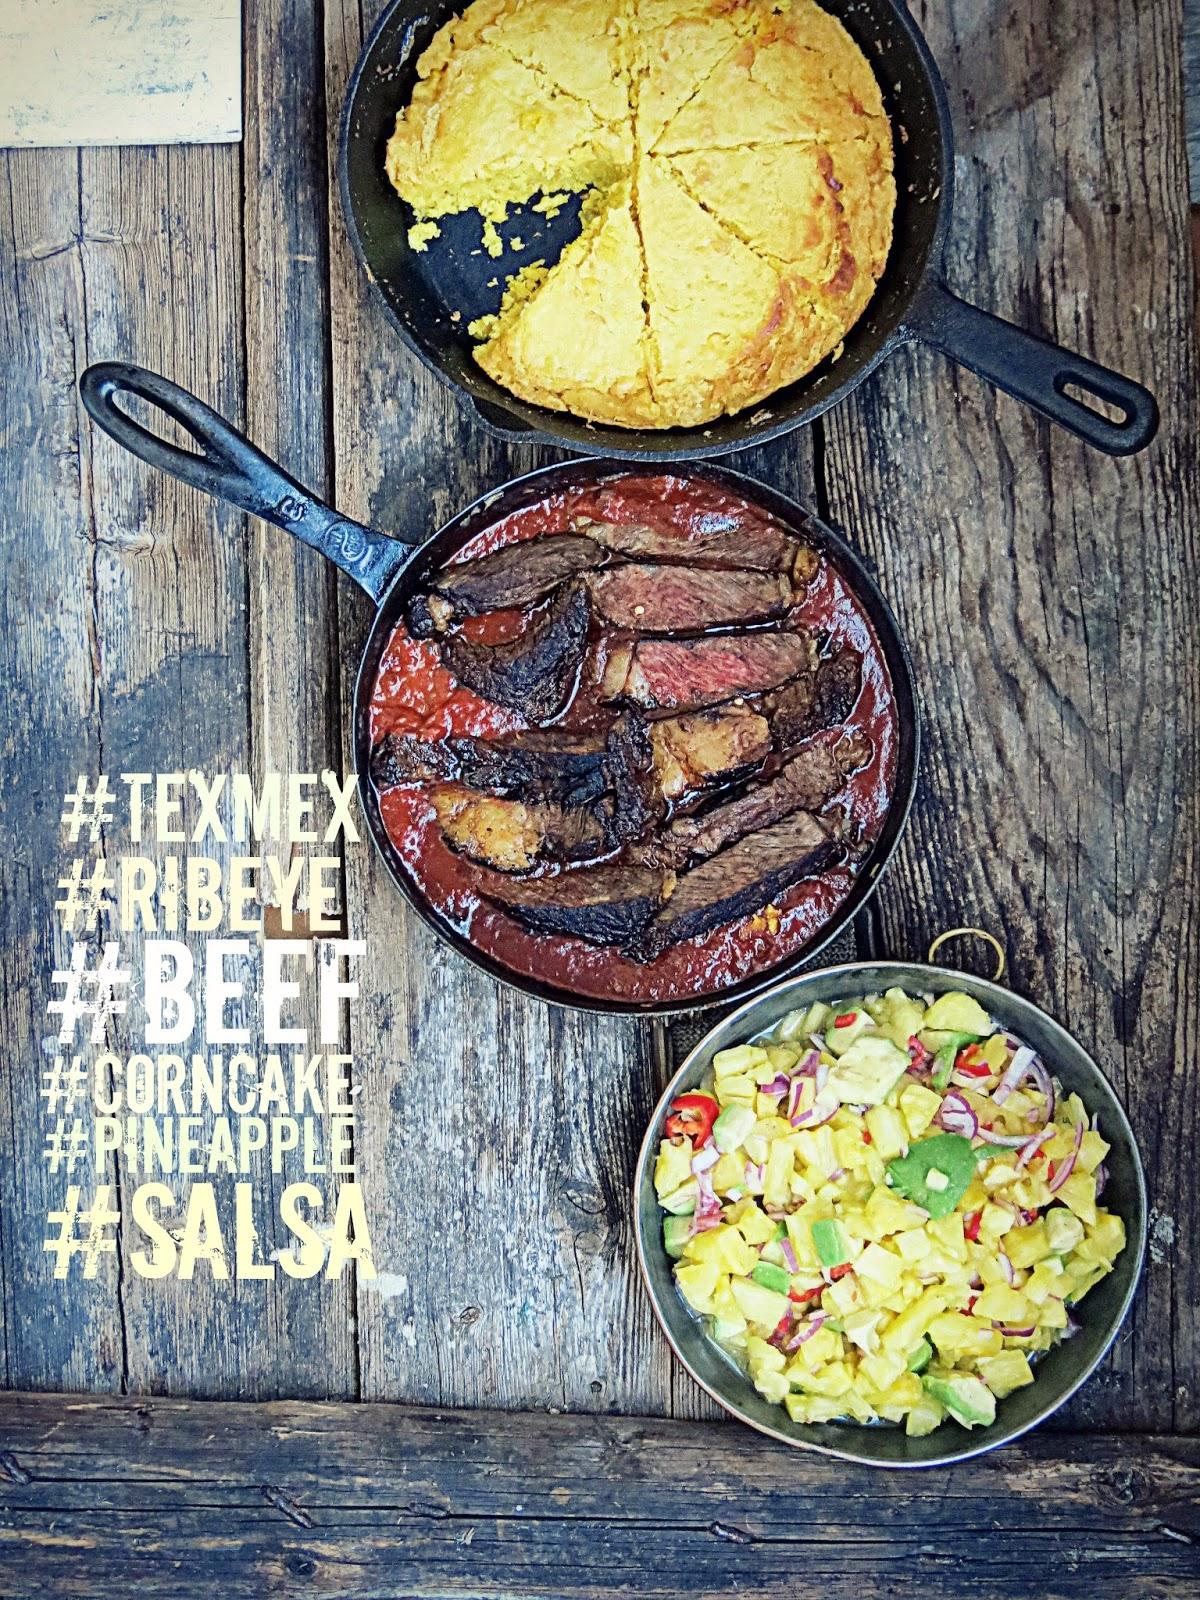 TexMex: Beef chiliä maissikakun ja ananassalsan kera